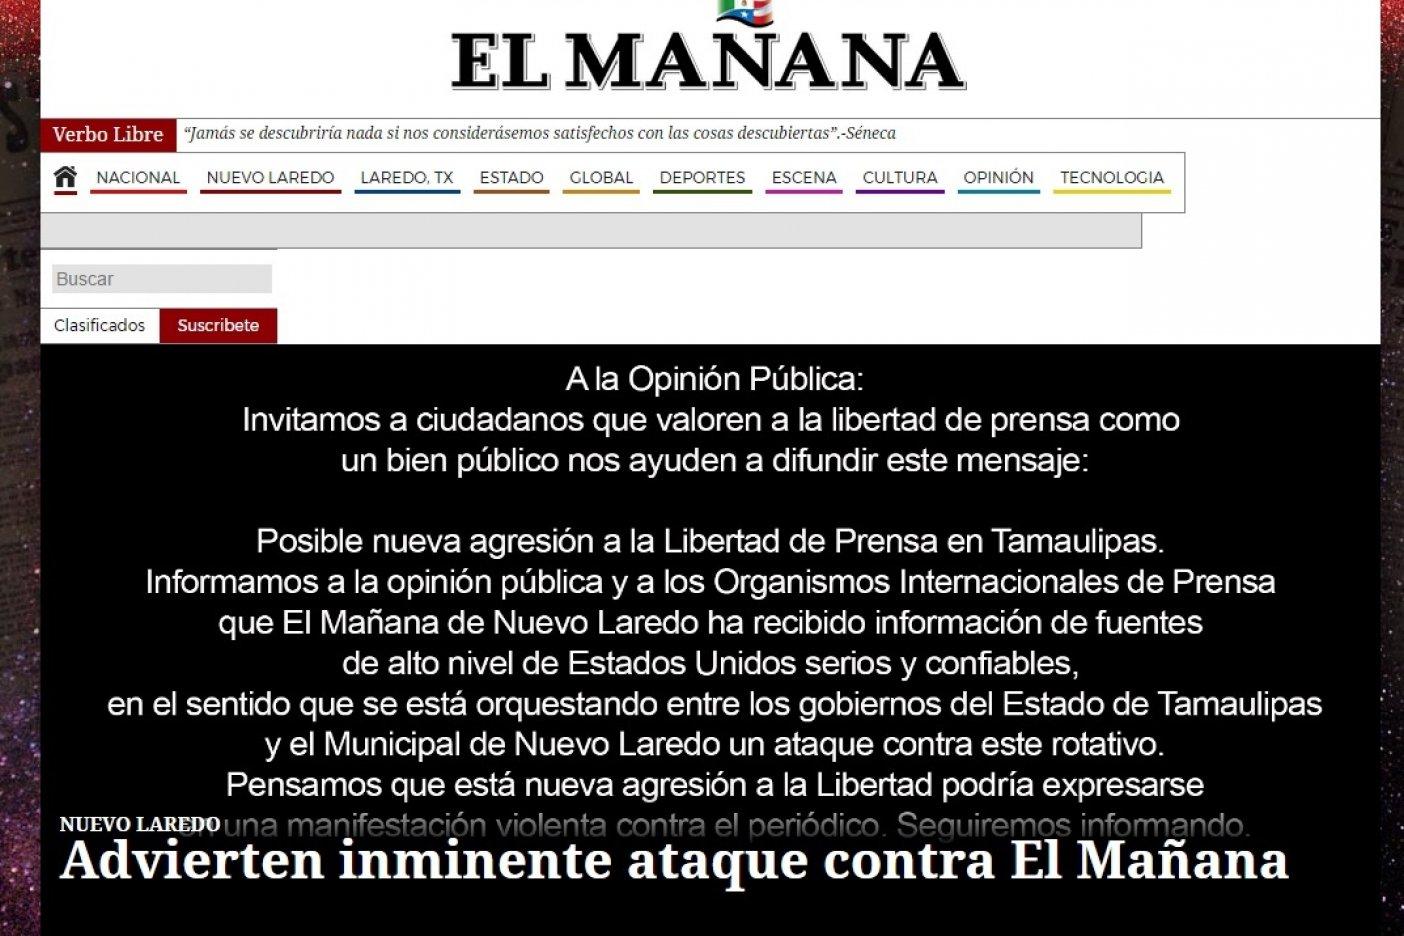 Advierten de ataque contra El Mañana